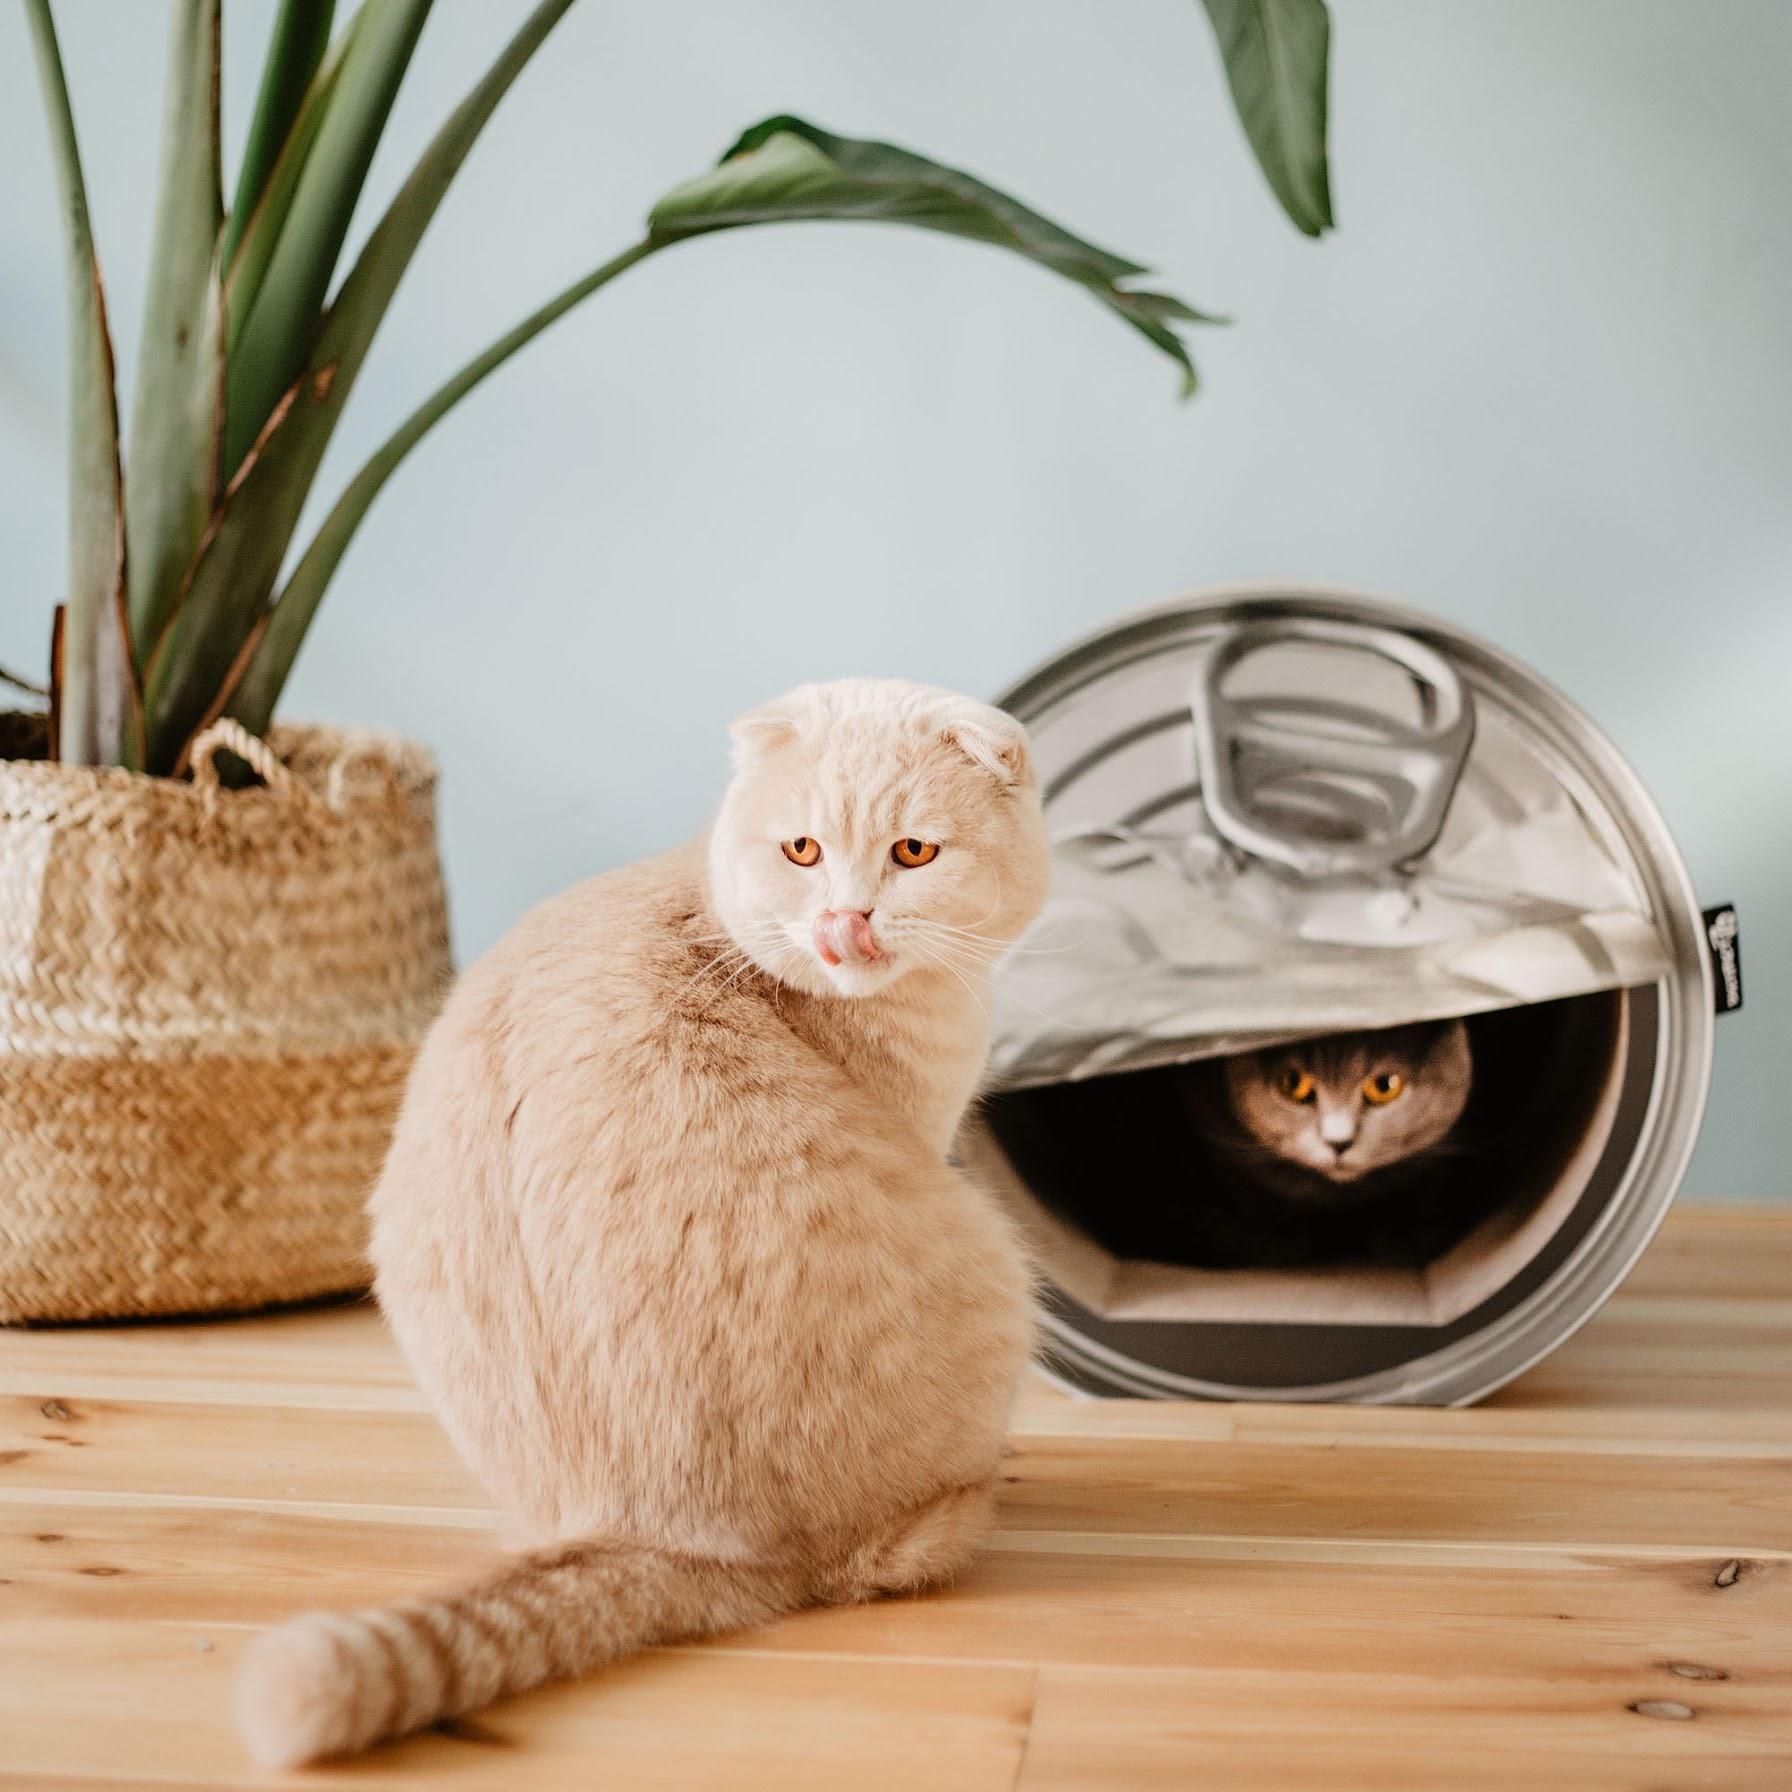 Krabmeubel voor Katten Conservenblik